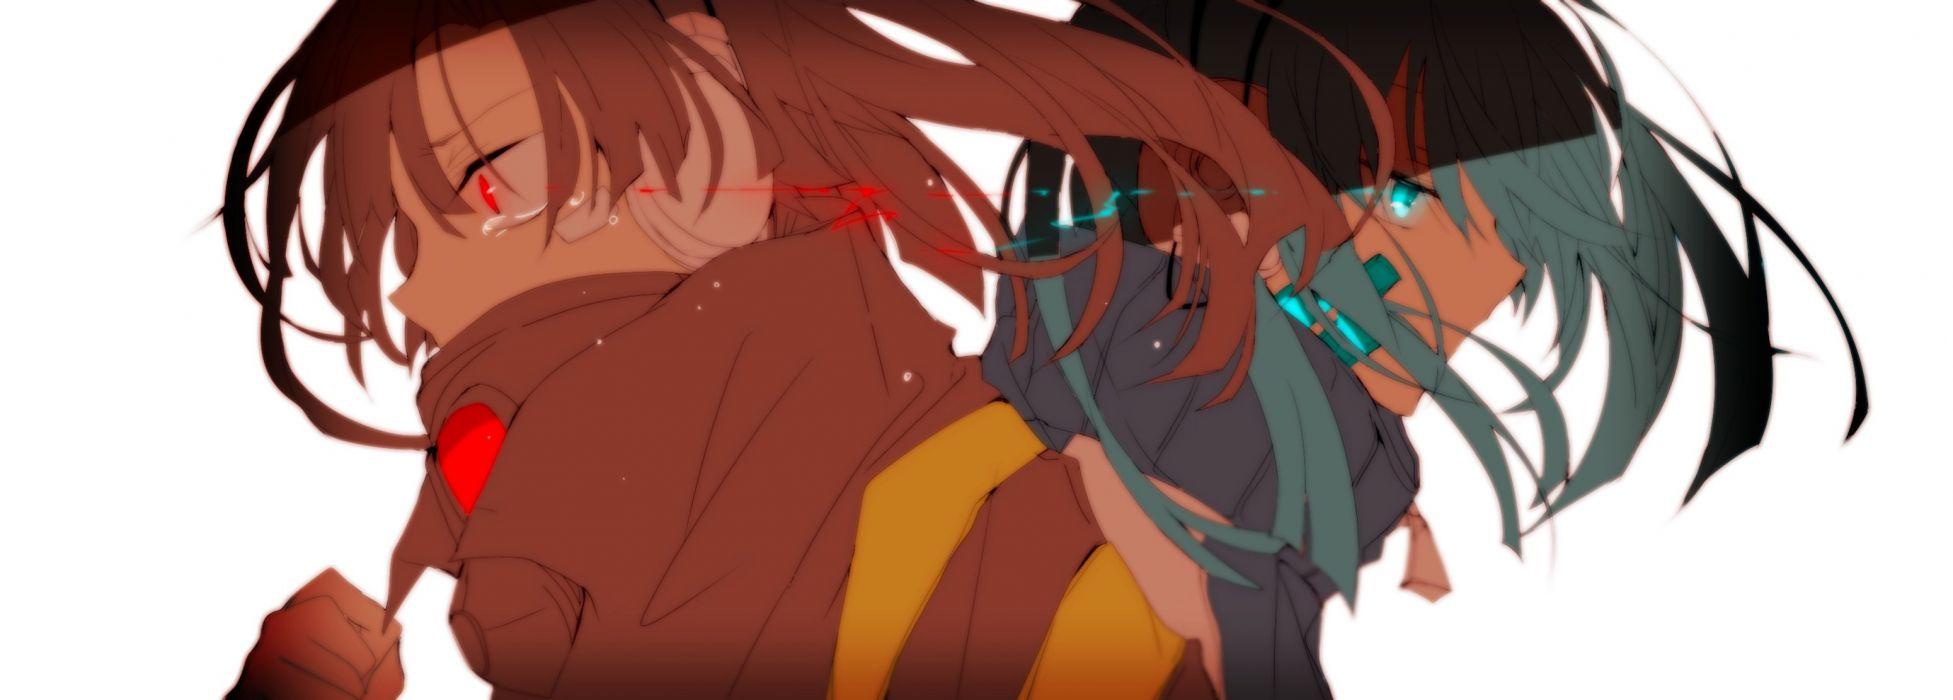 ene (kagerou project) enomoto takane kagerou project misoan tears wallpaper